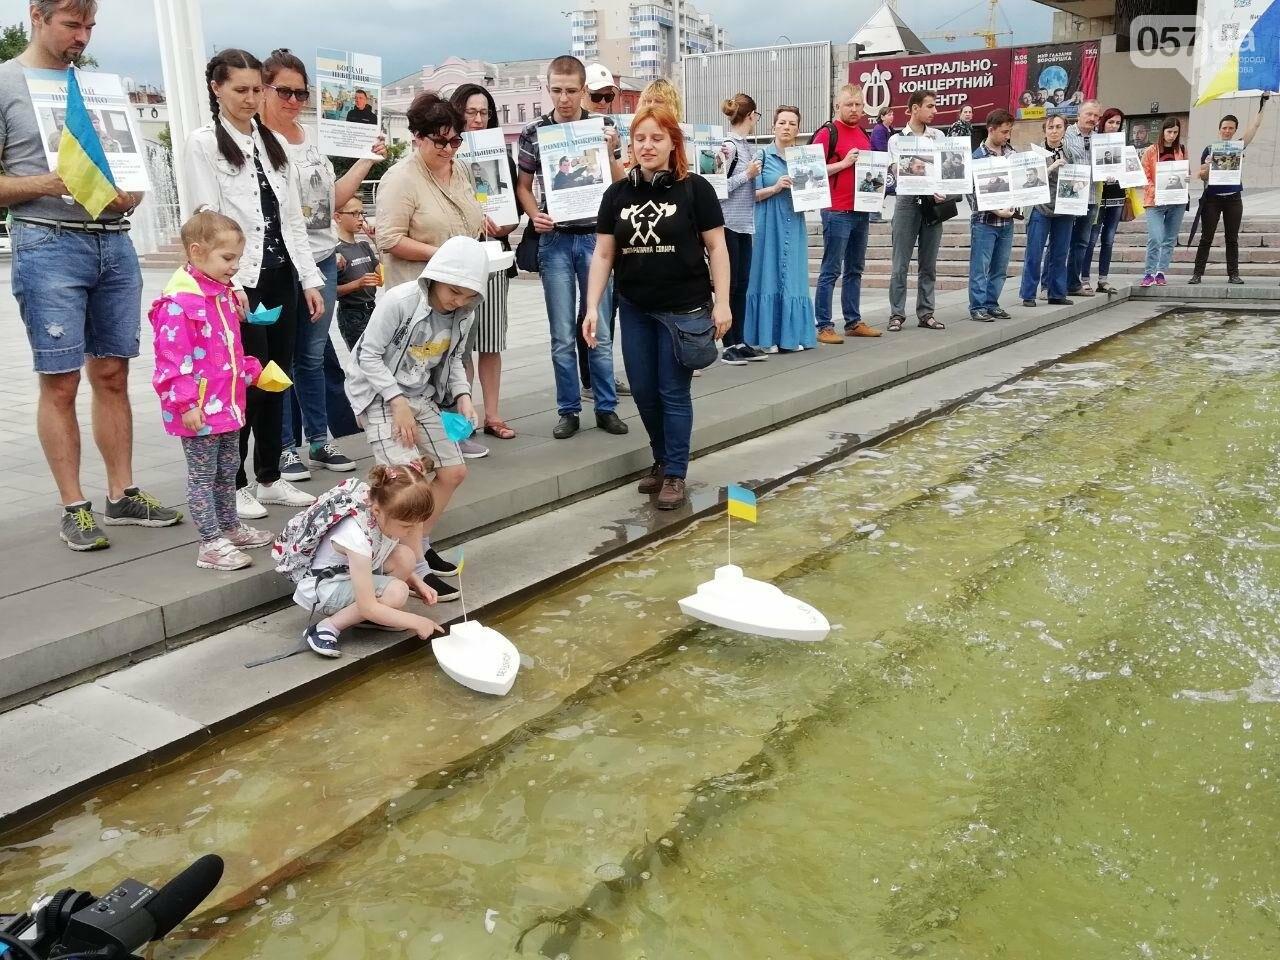 «Верните их в родную гавань»: в Харькове прошла акция в поддержку пленных украинских моряков, - ФОТО, фото-1